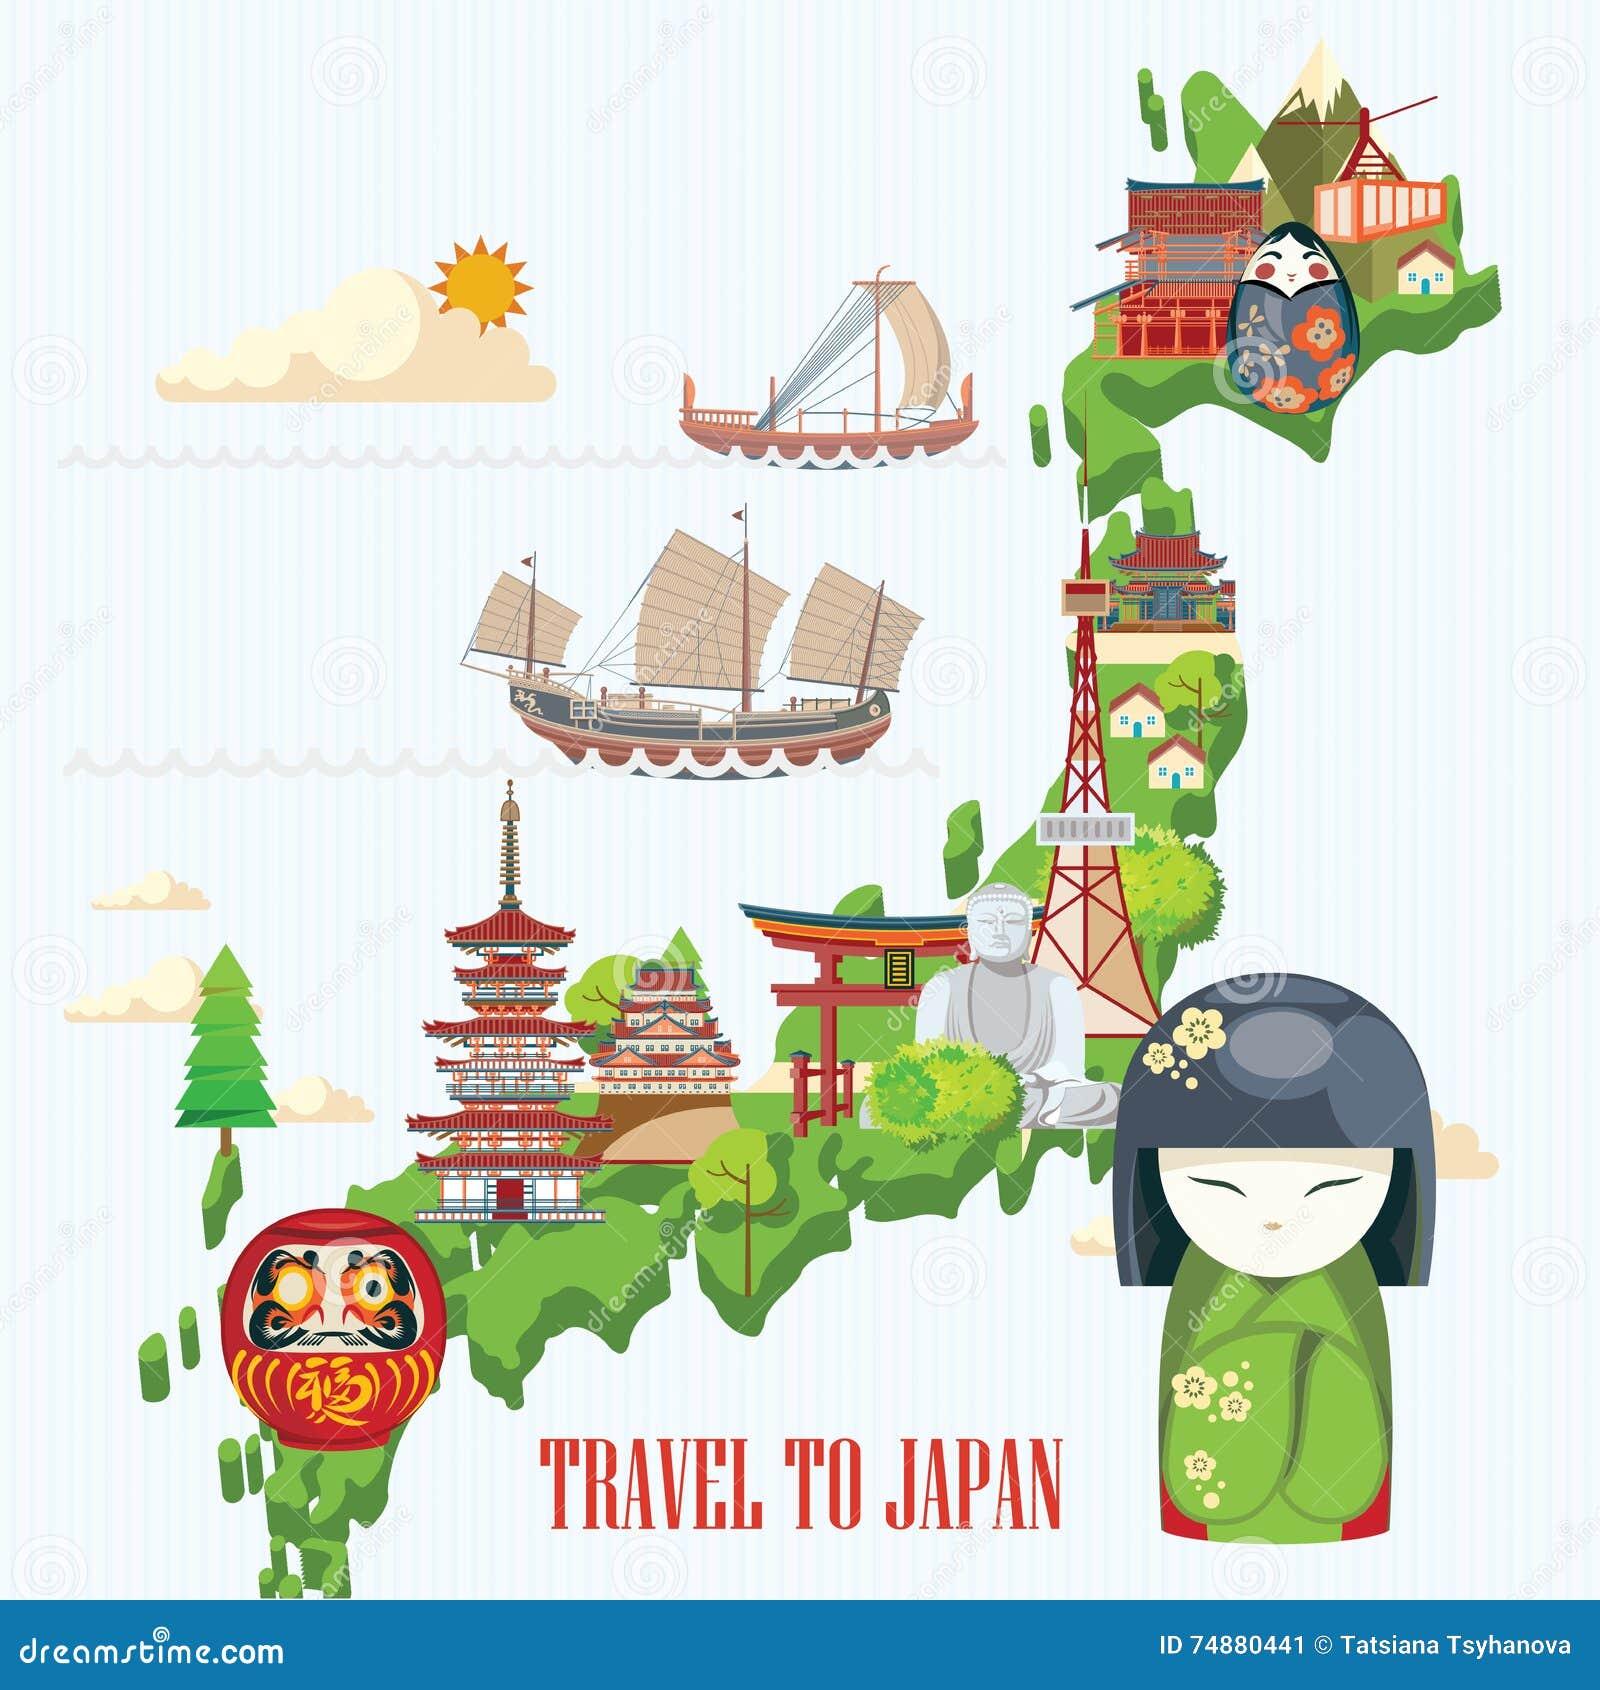 Cartaz do curso de Japão com mapa - viaje a Japão